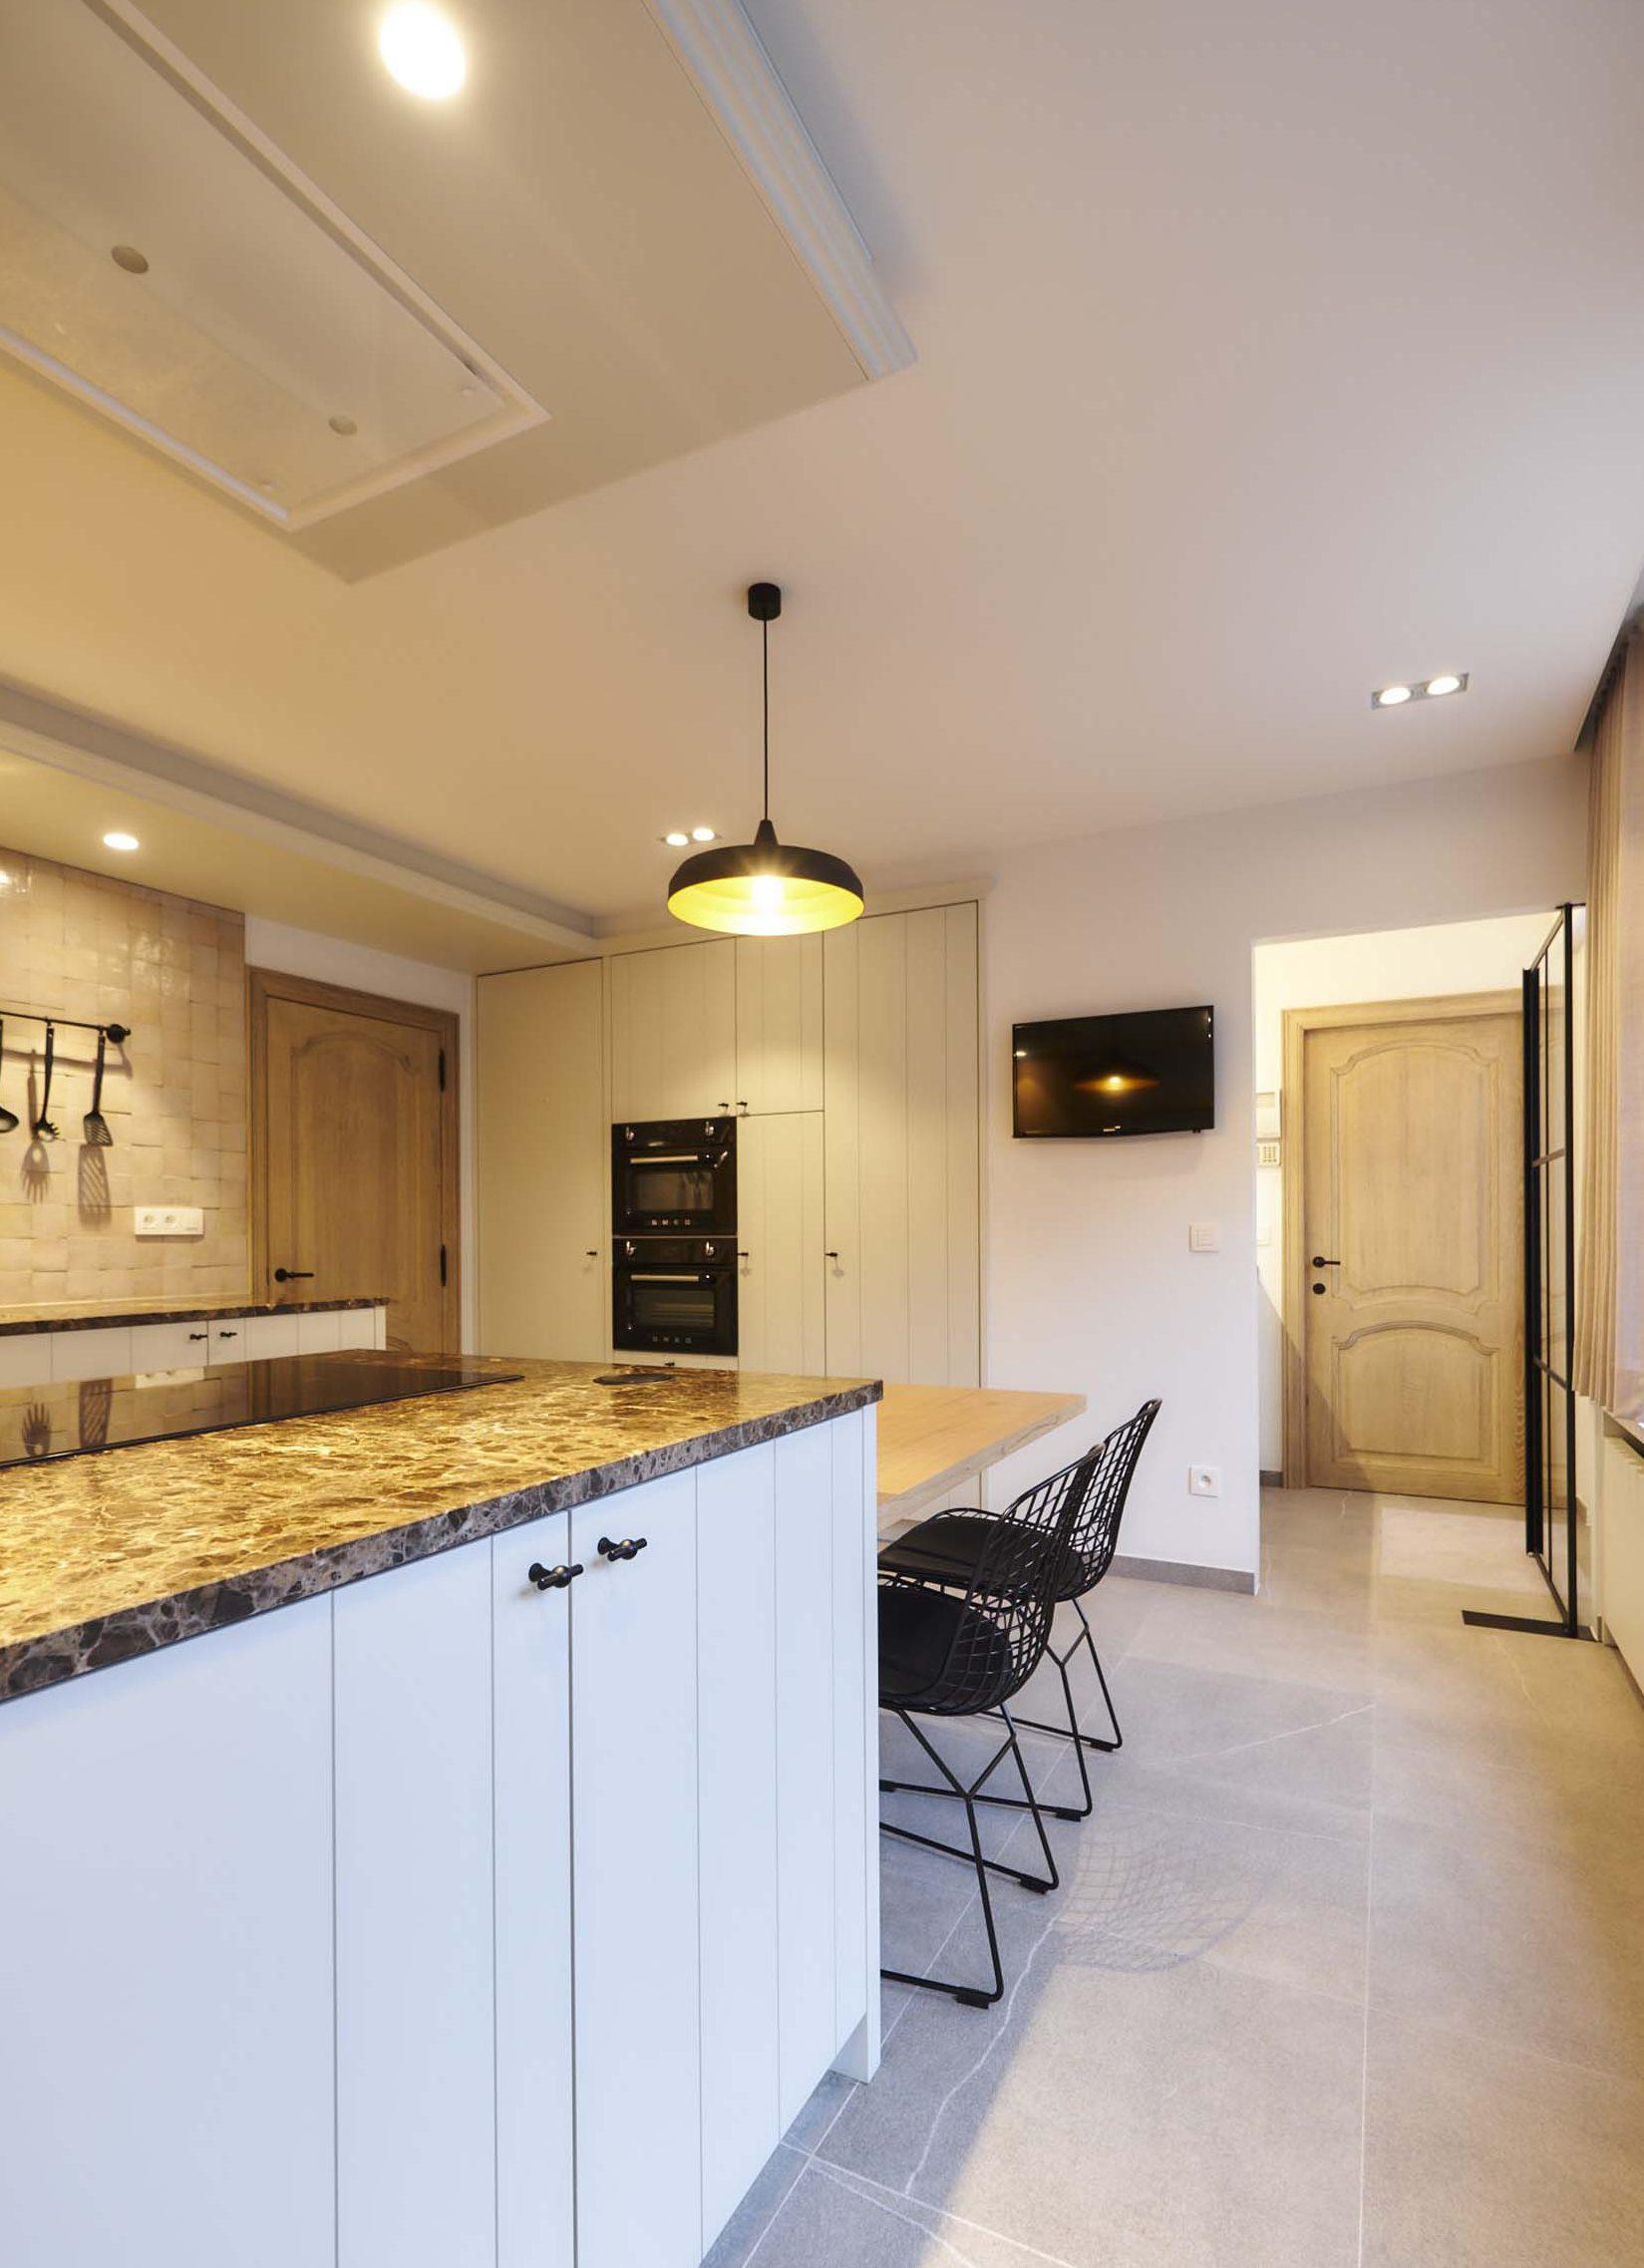 Vanda-projects-interieurinrichting-meubelmakerij-oost-vlaanderen-vilez-keuken-kasten